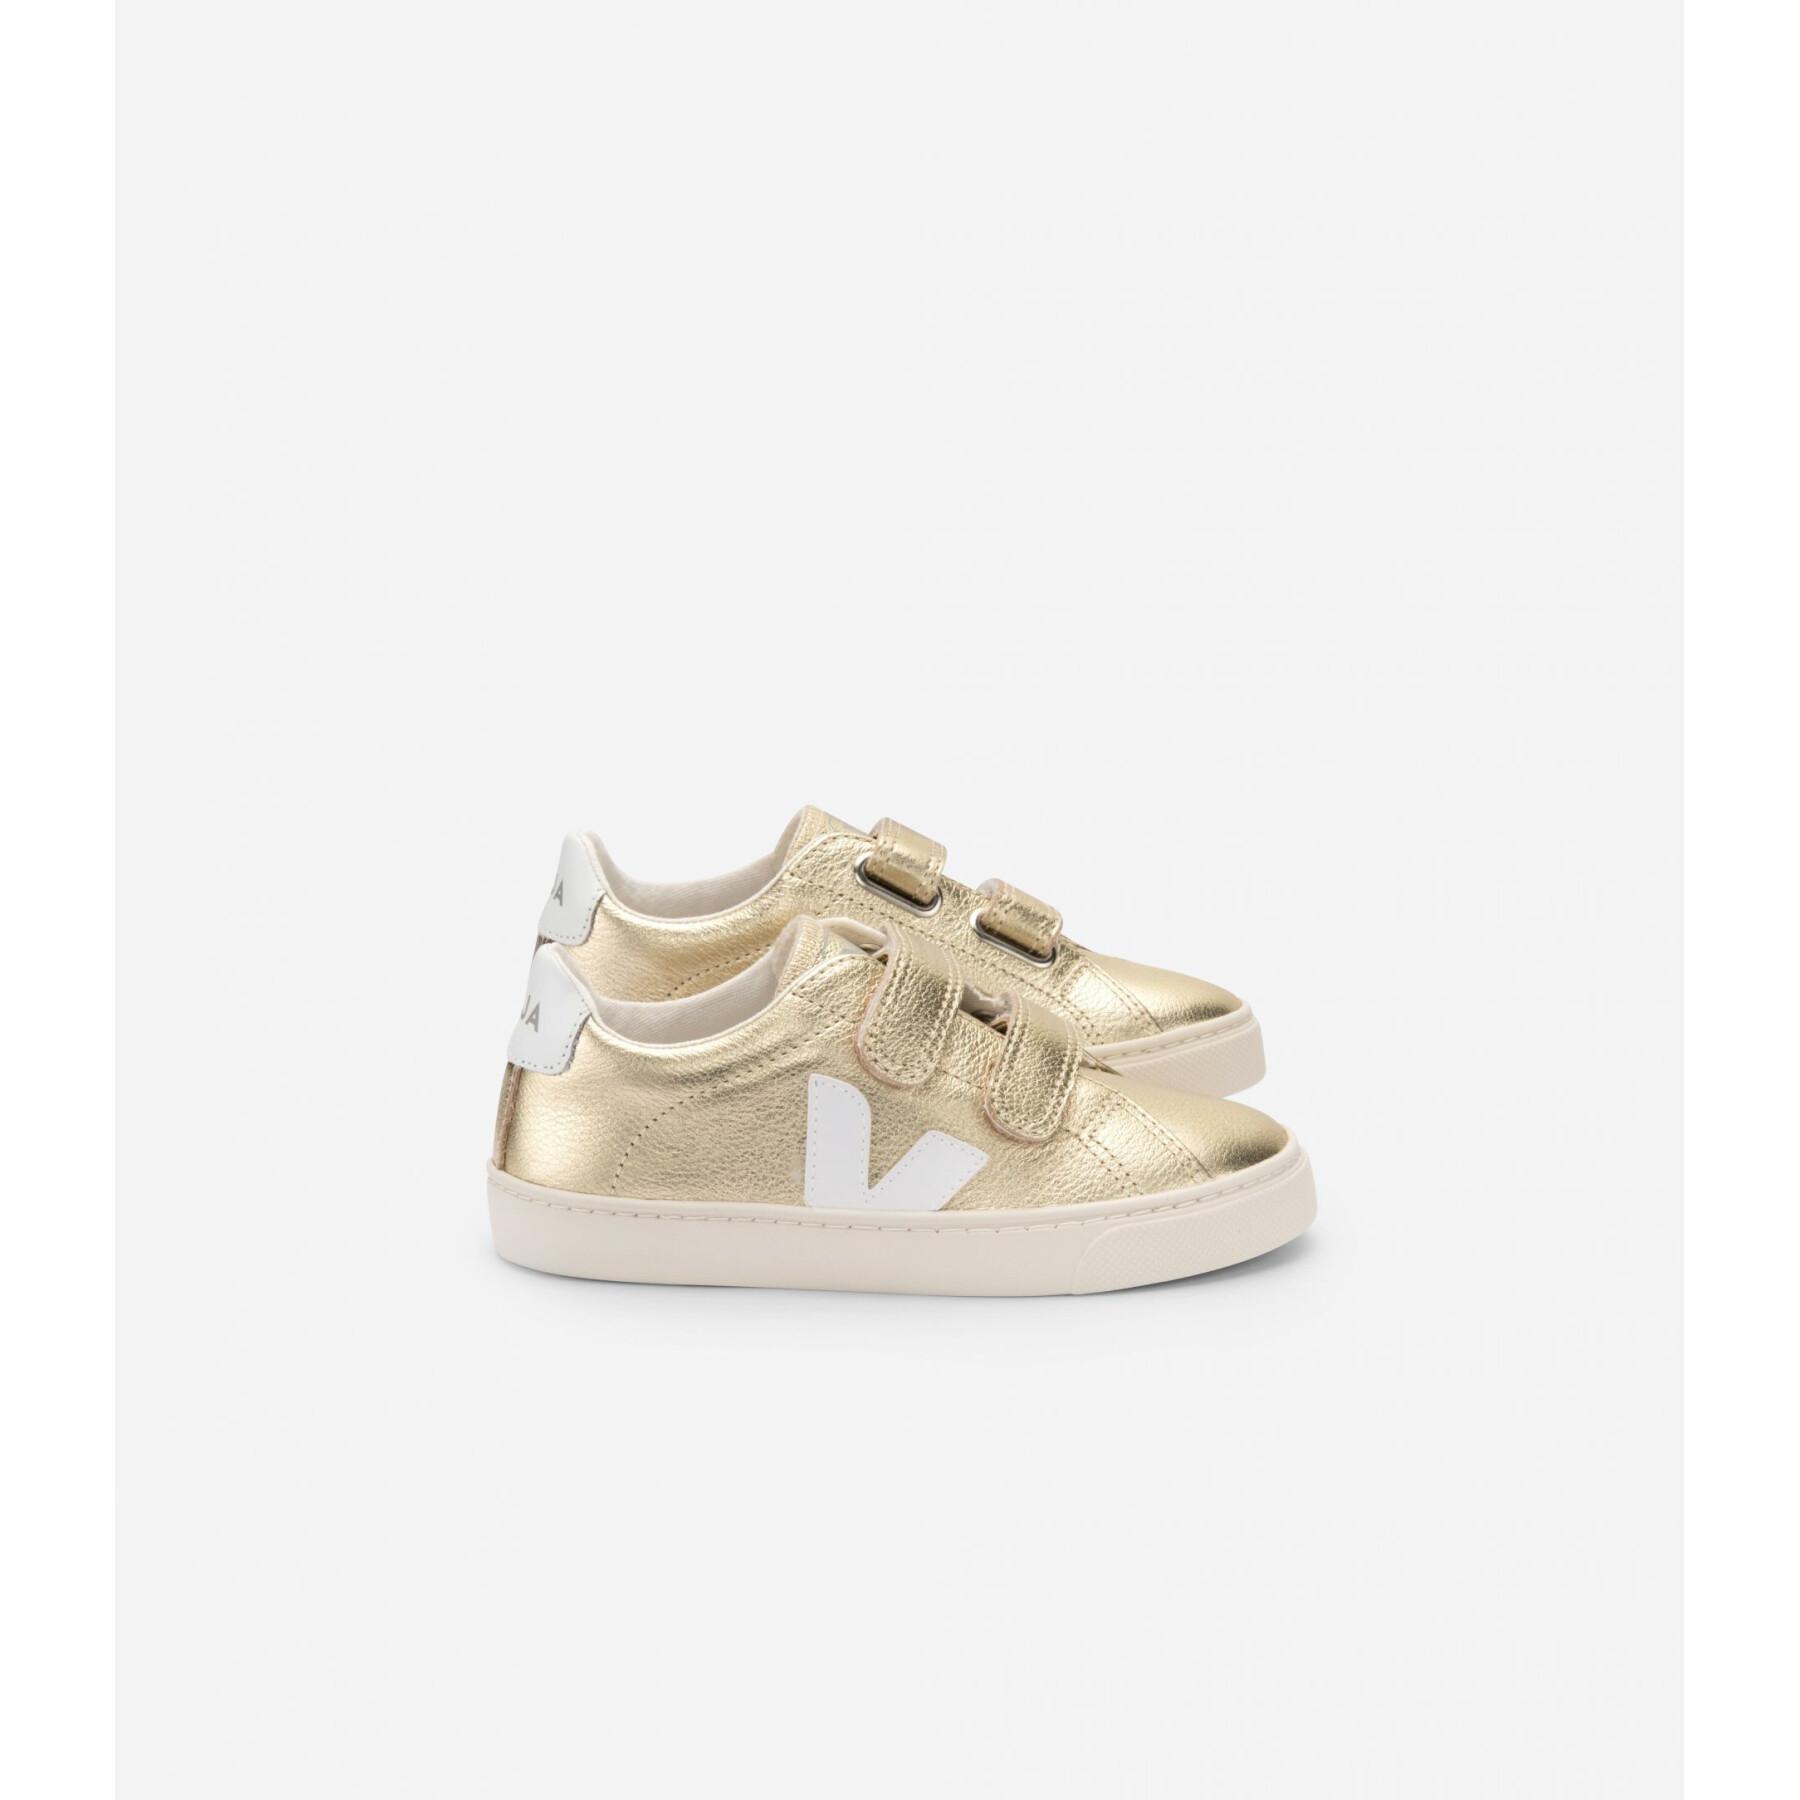 Chaussures enfant Veja Esplar Leather Gold